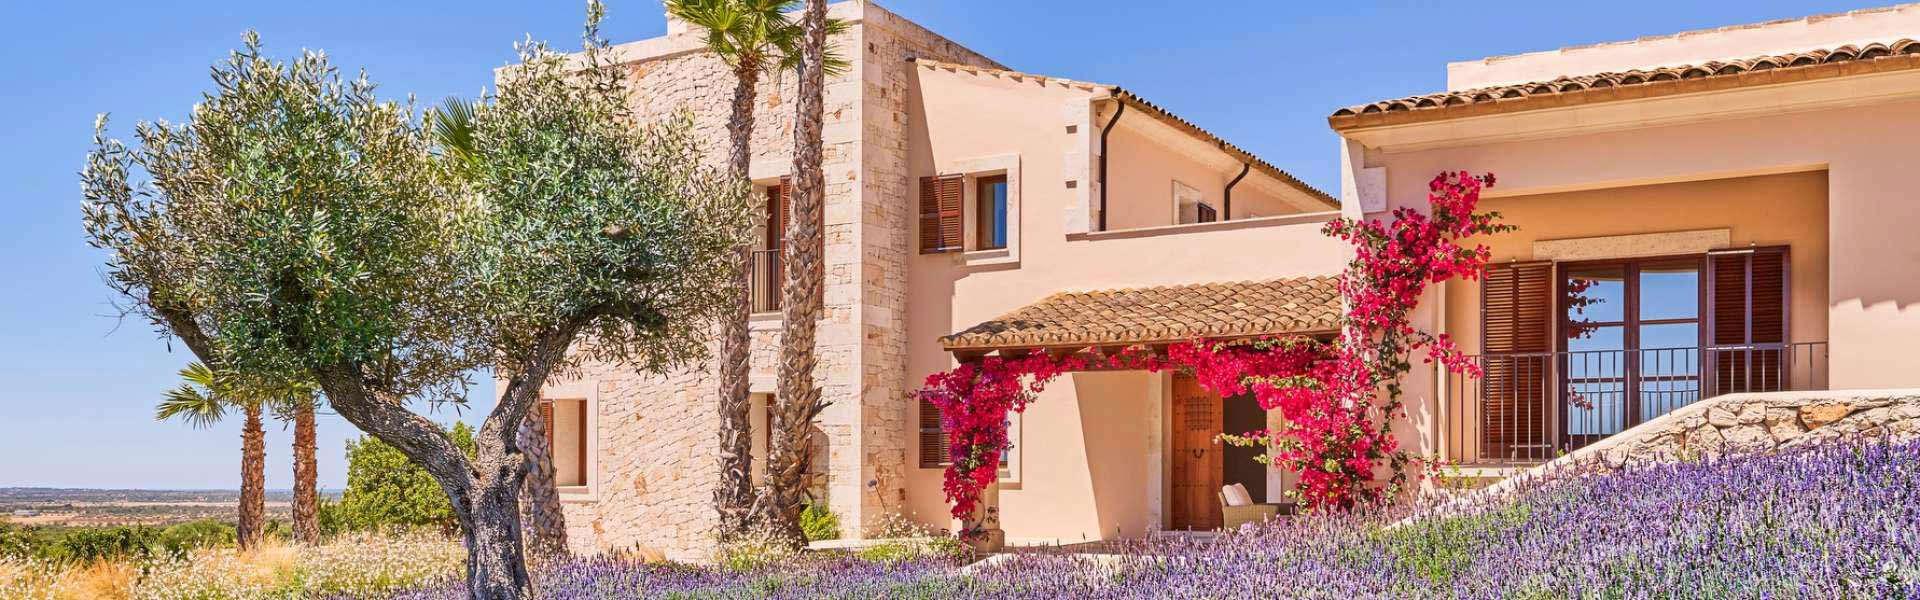 Montemar Immobilien Mallorca - Traumvilla